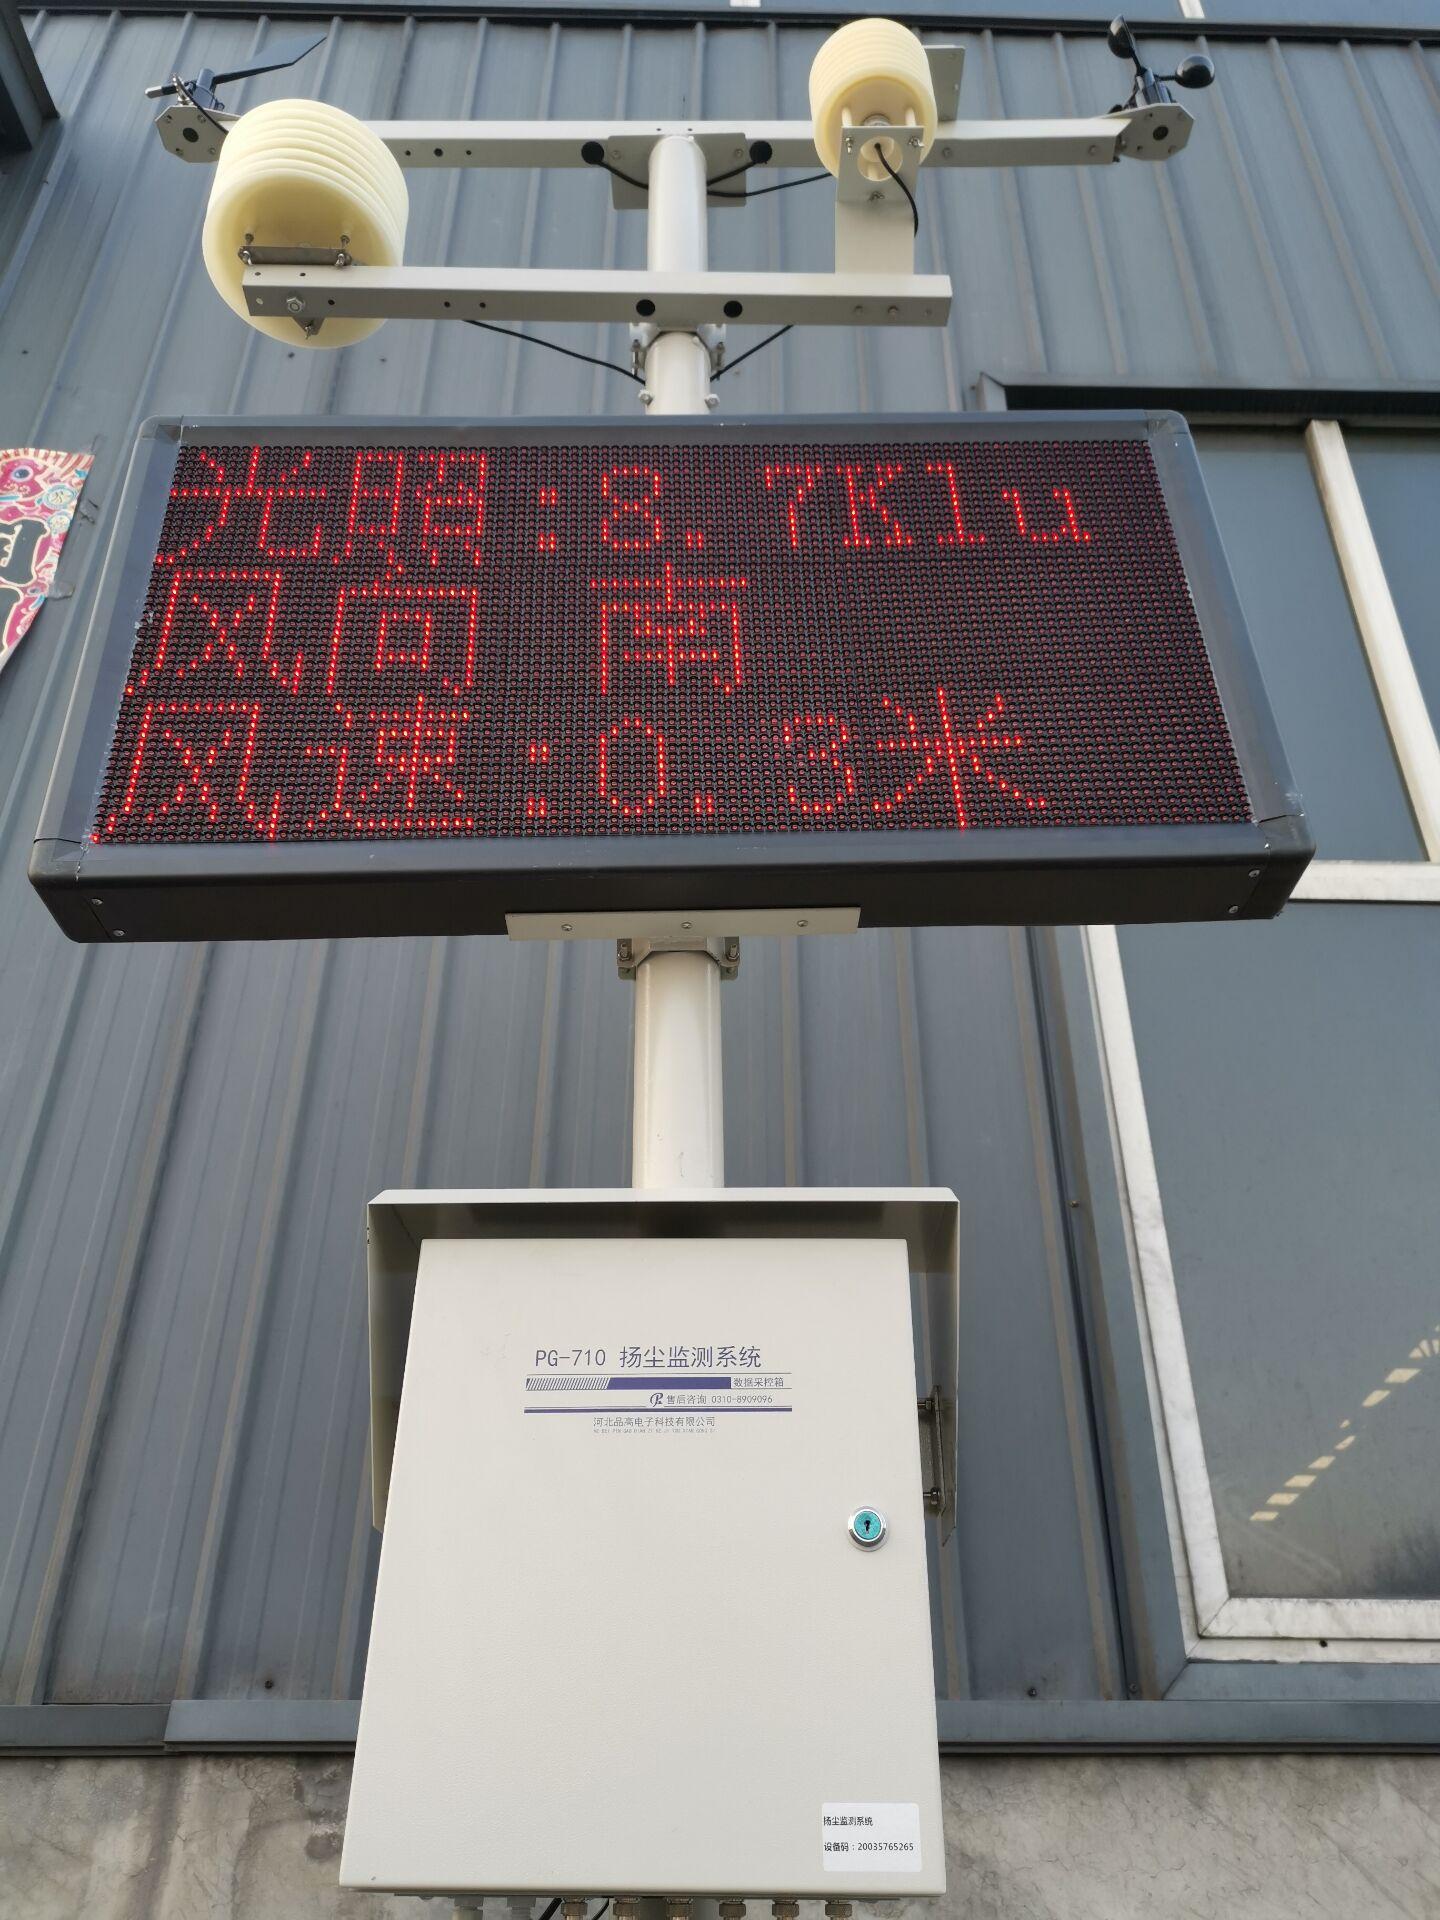 噪声扬尘监测 大气环境扬尘监测系统公司